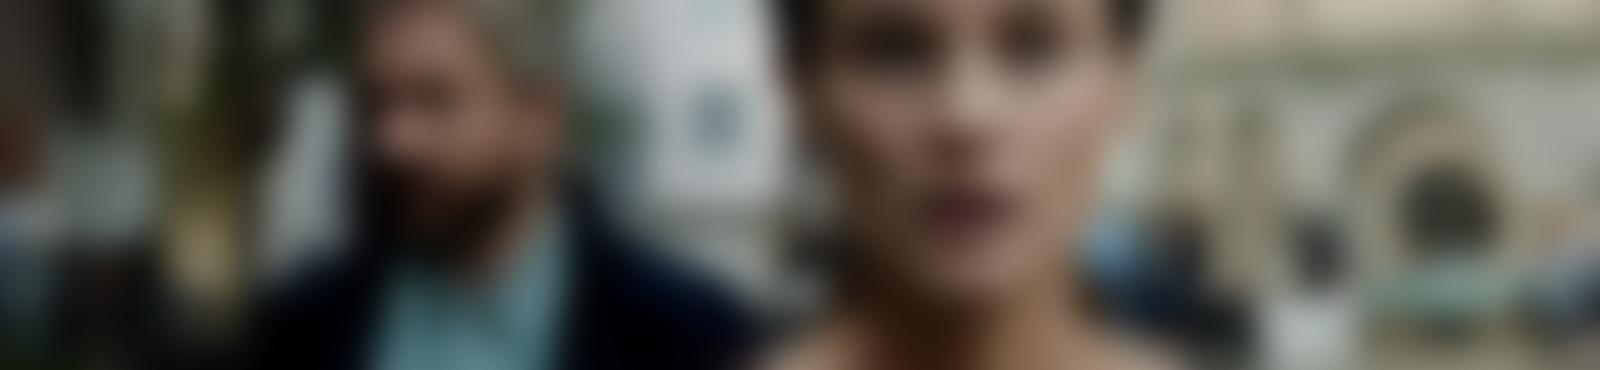 Blurred 52898ac0 6791 44c1 b85c 32b04ca098fb